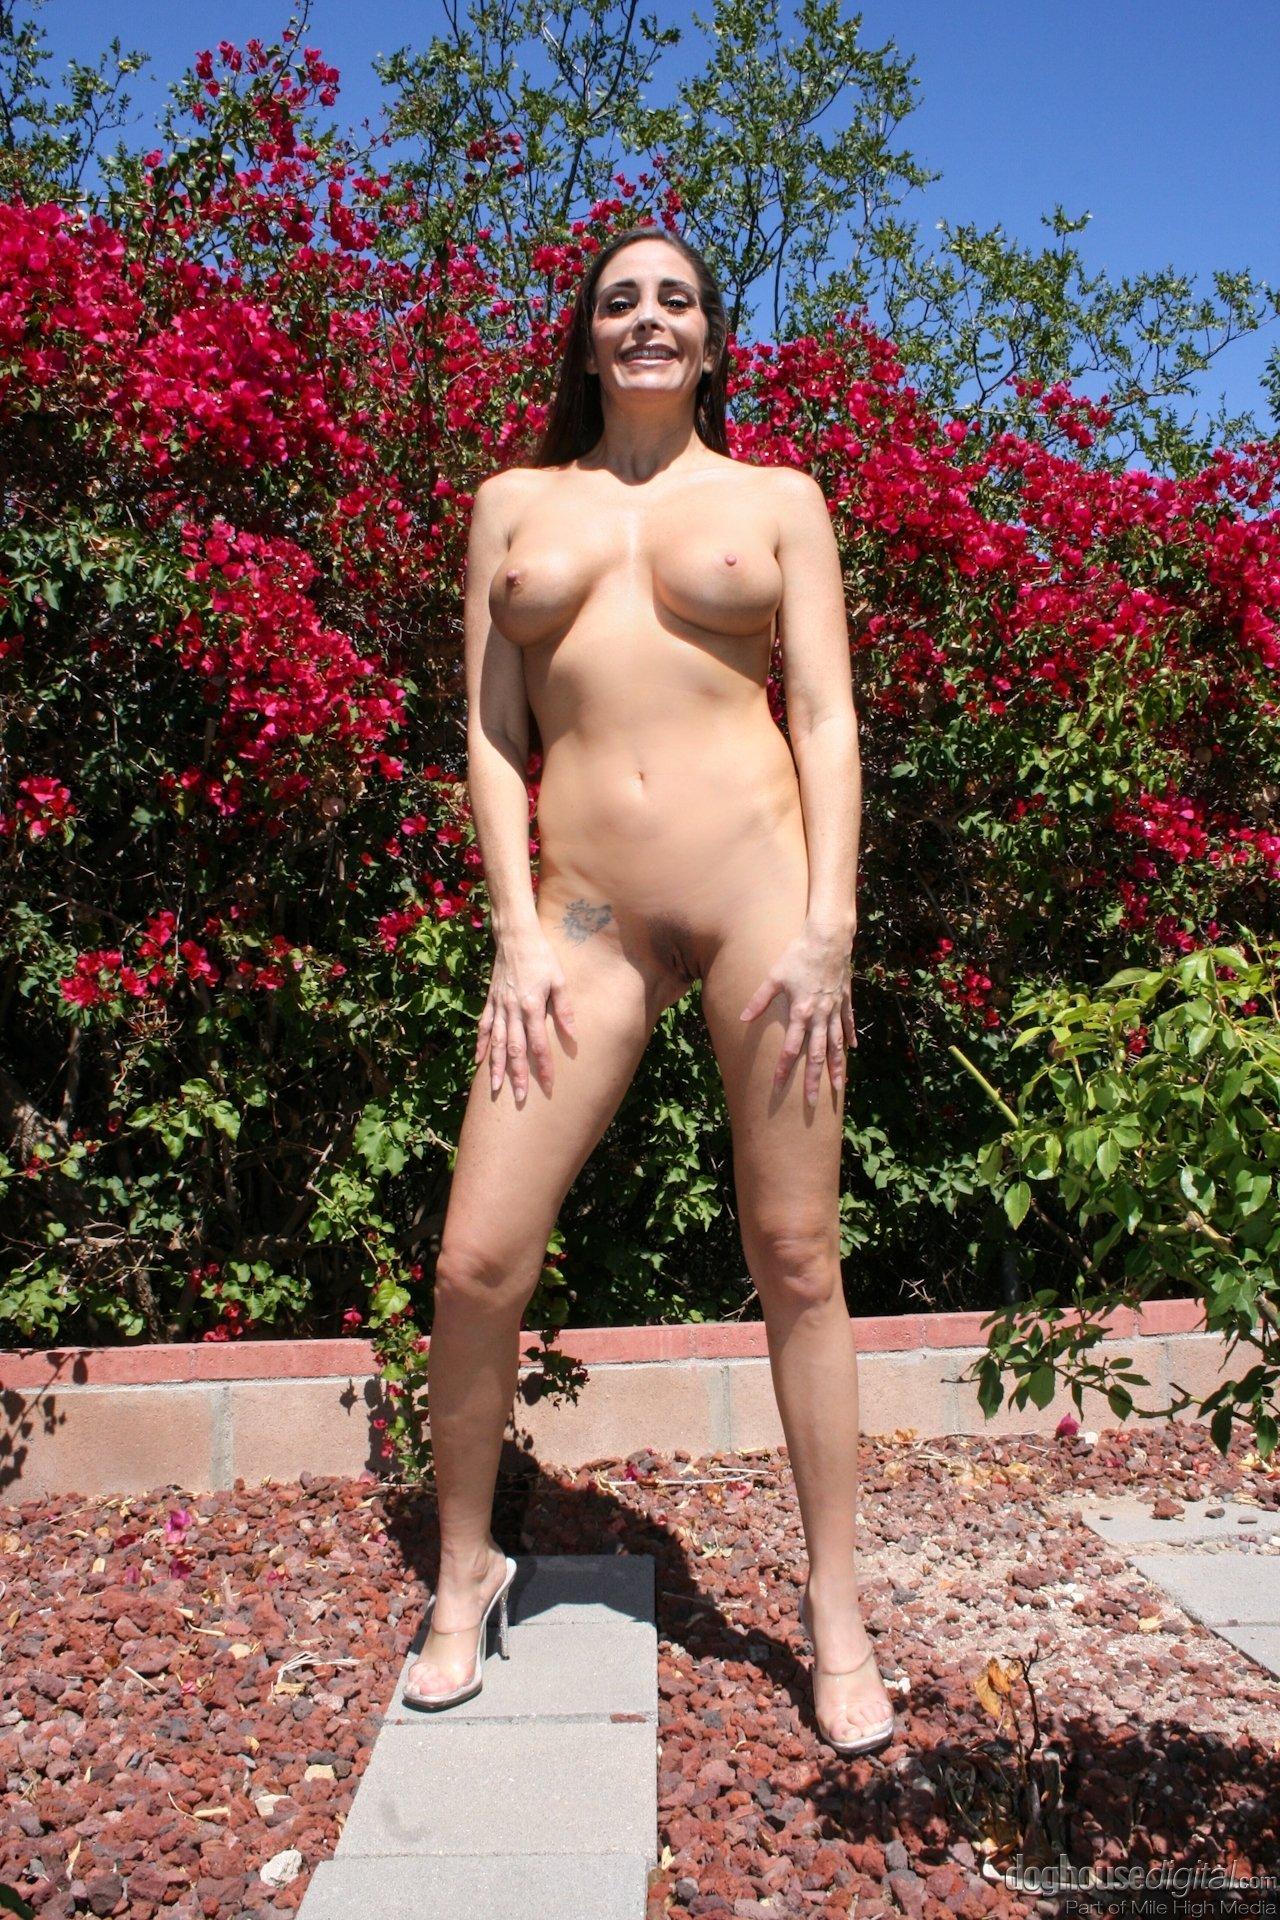 Красивая женщина обнажилась на фоне красного кустарника